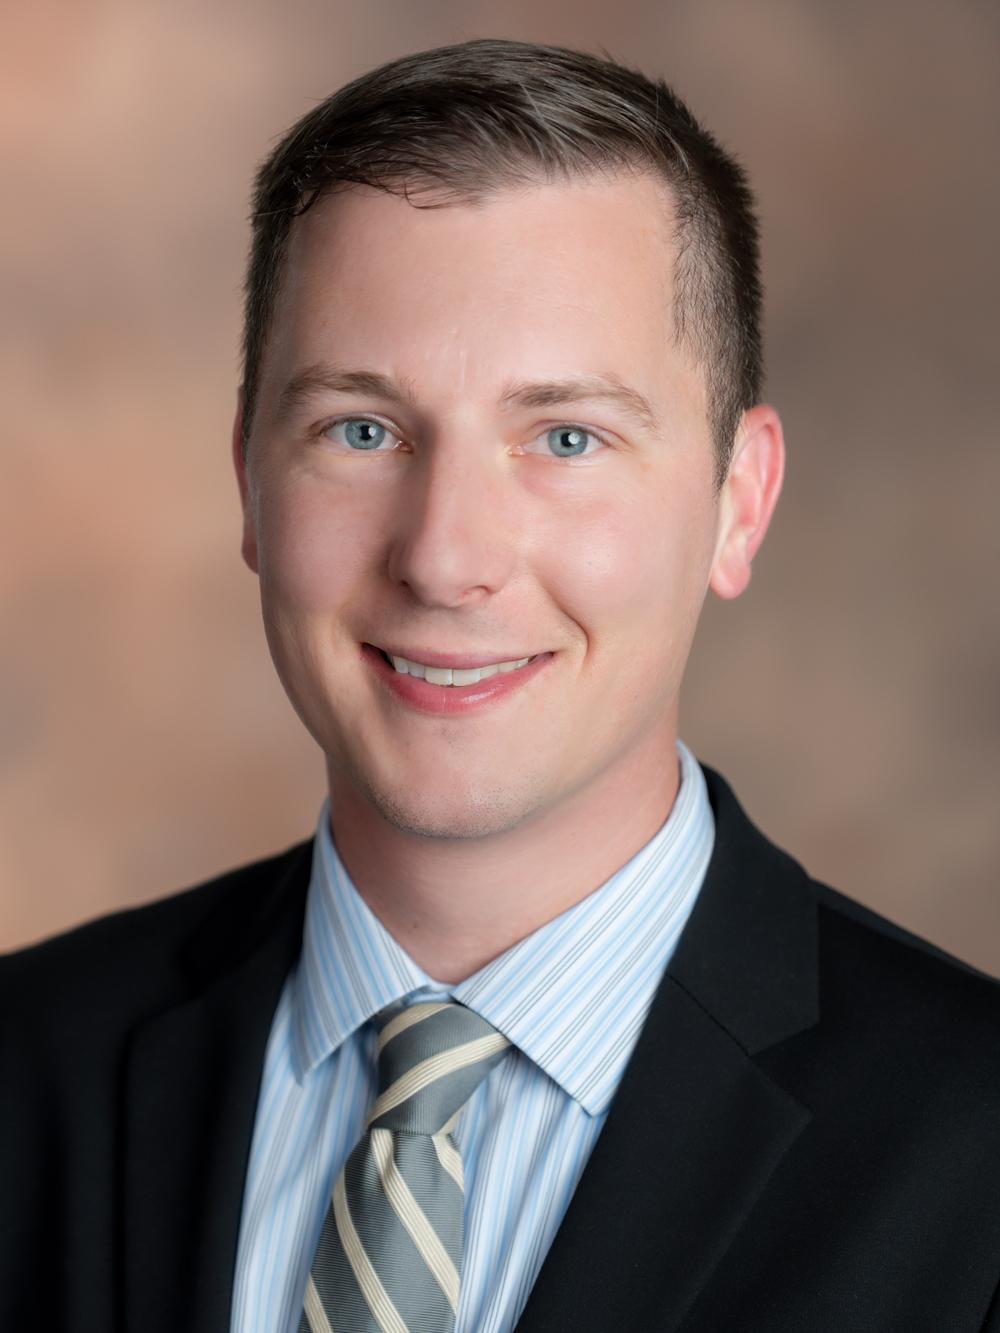 Dr. Tyler Ptacek